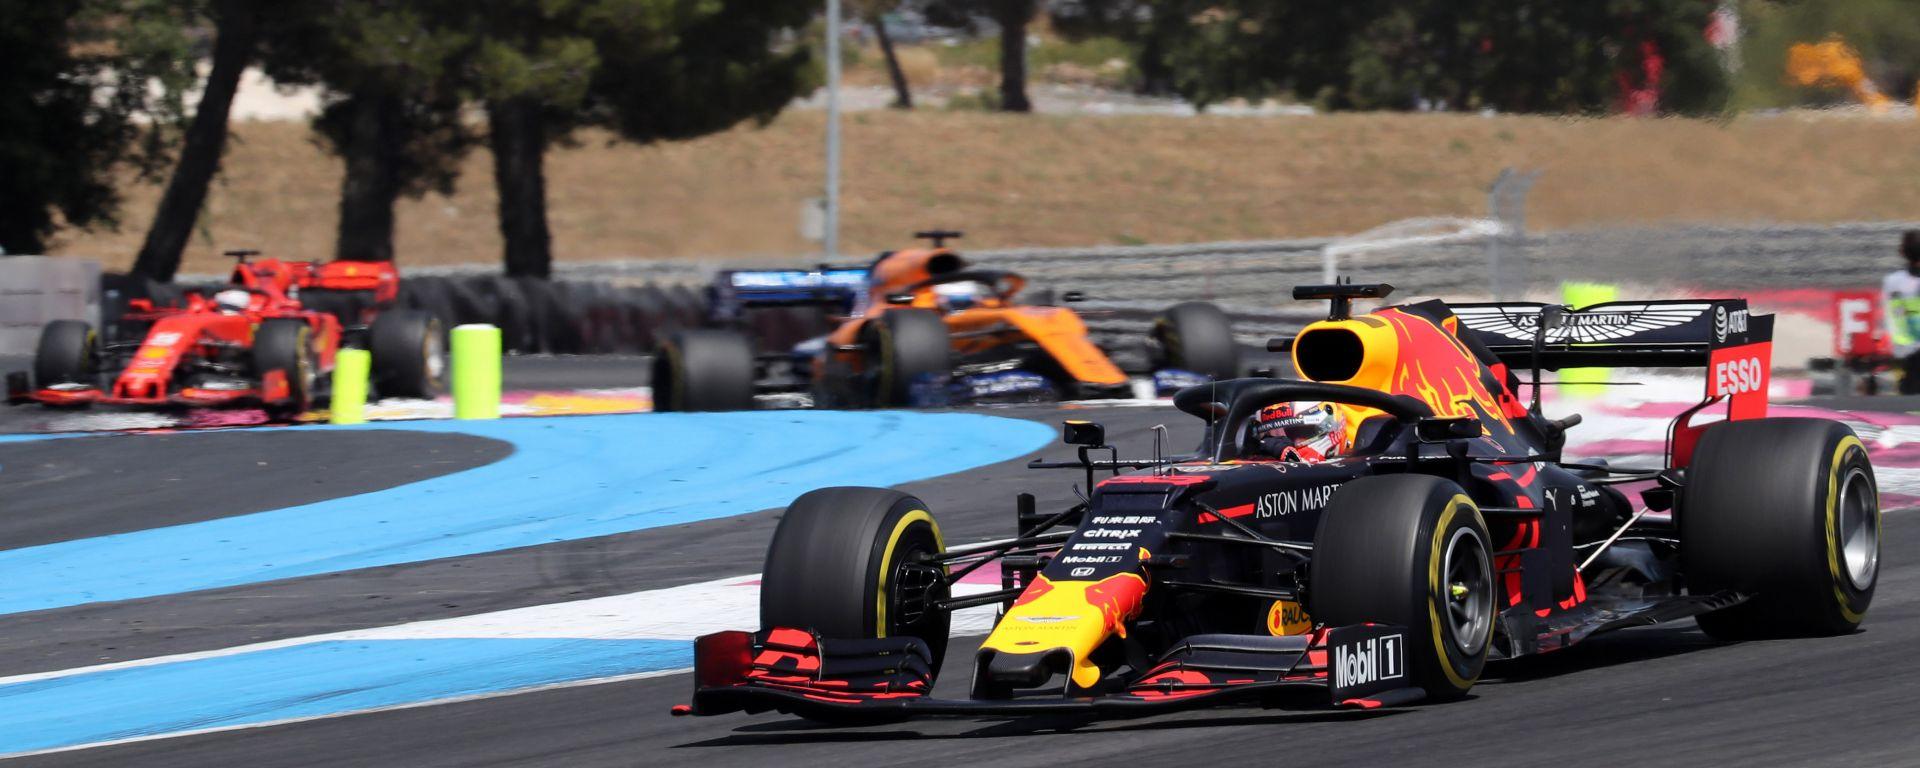 Verstappen in pista in Francia